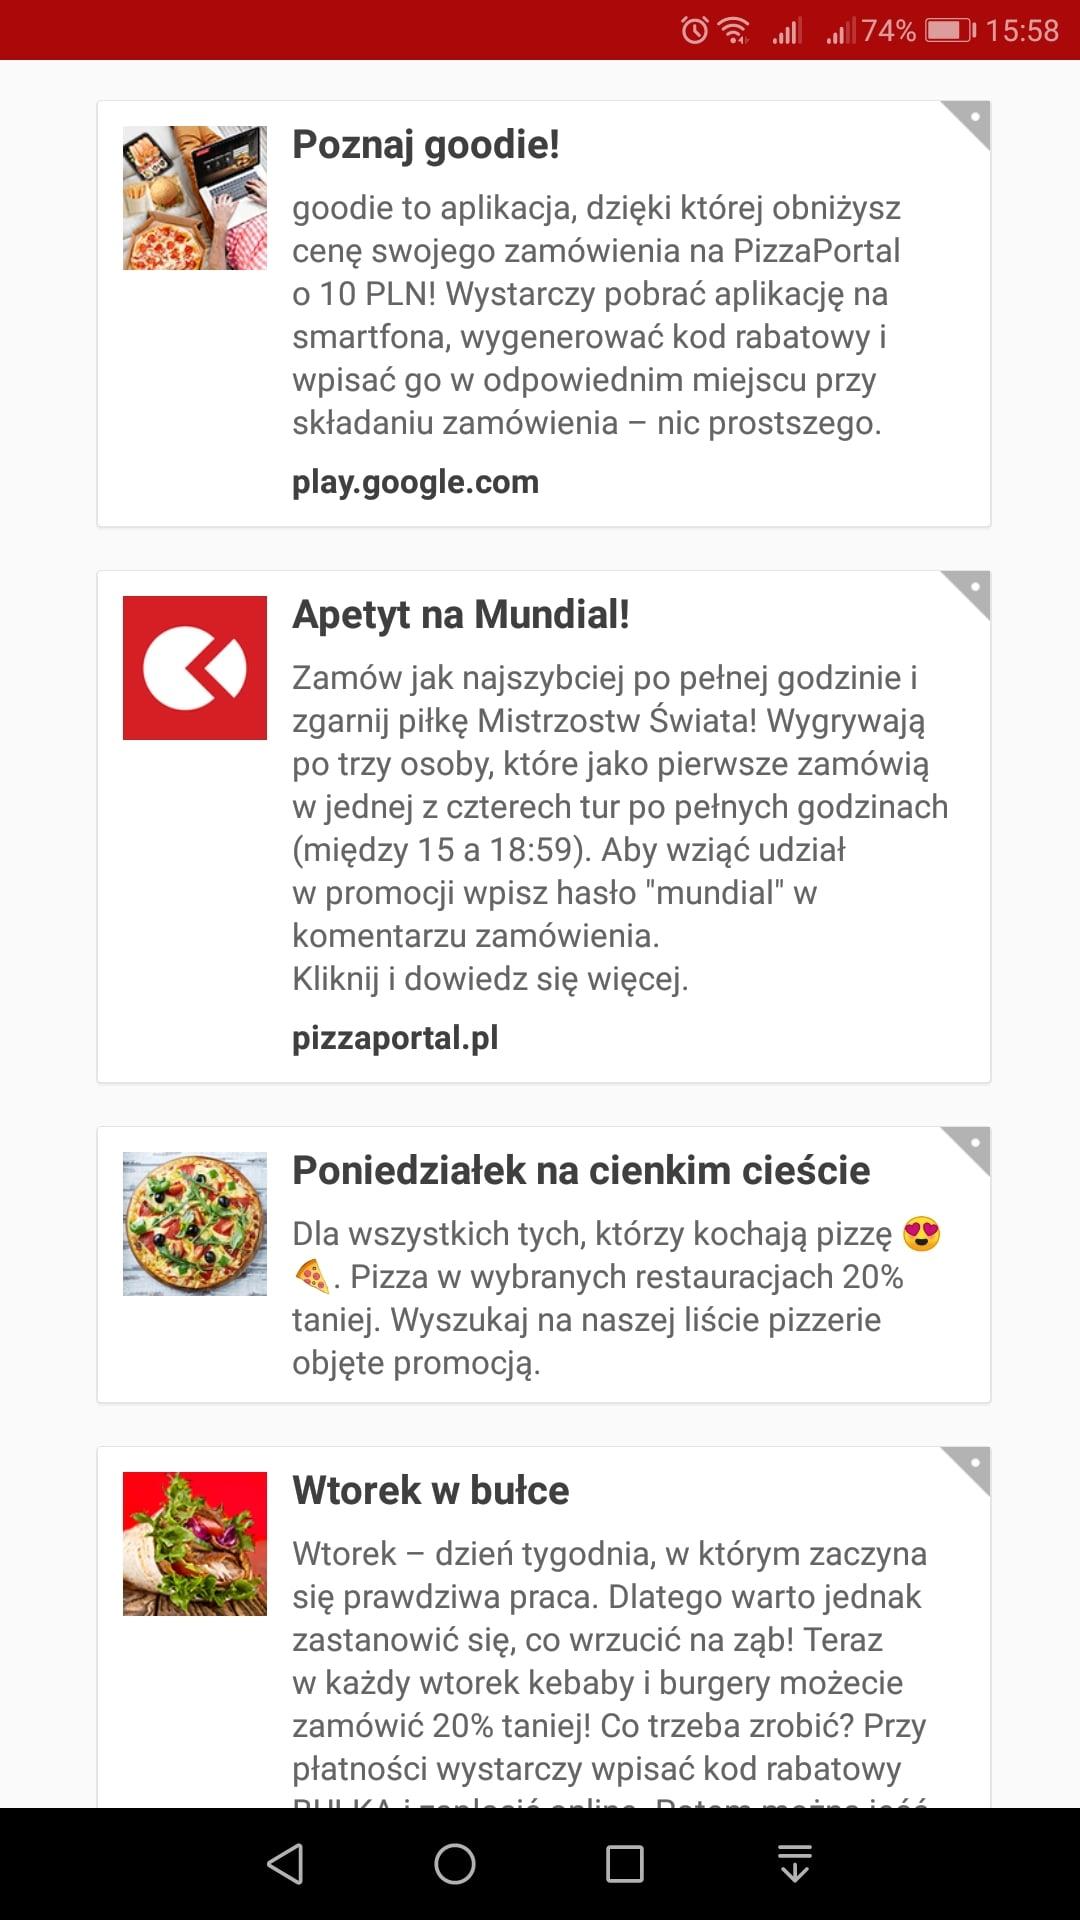 Tabletowo.pl Zgłodniałeś? To dobrze, bo możesz za darmo zgarnąć 10 złotych rabatu na zamówienie z PizzaPortal Aplikacje Promocje